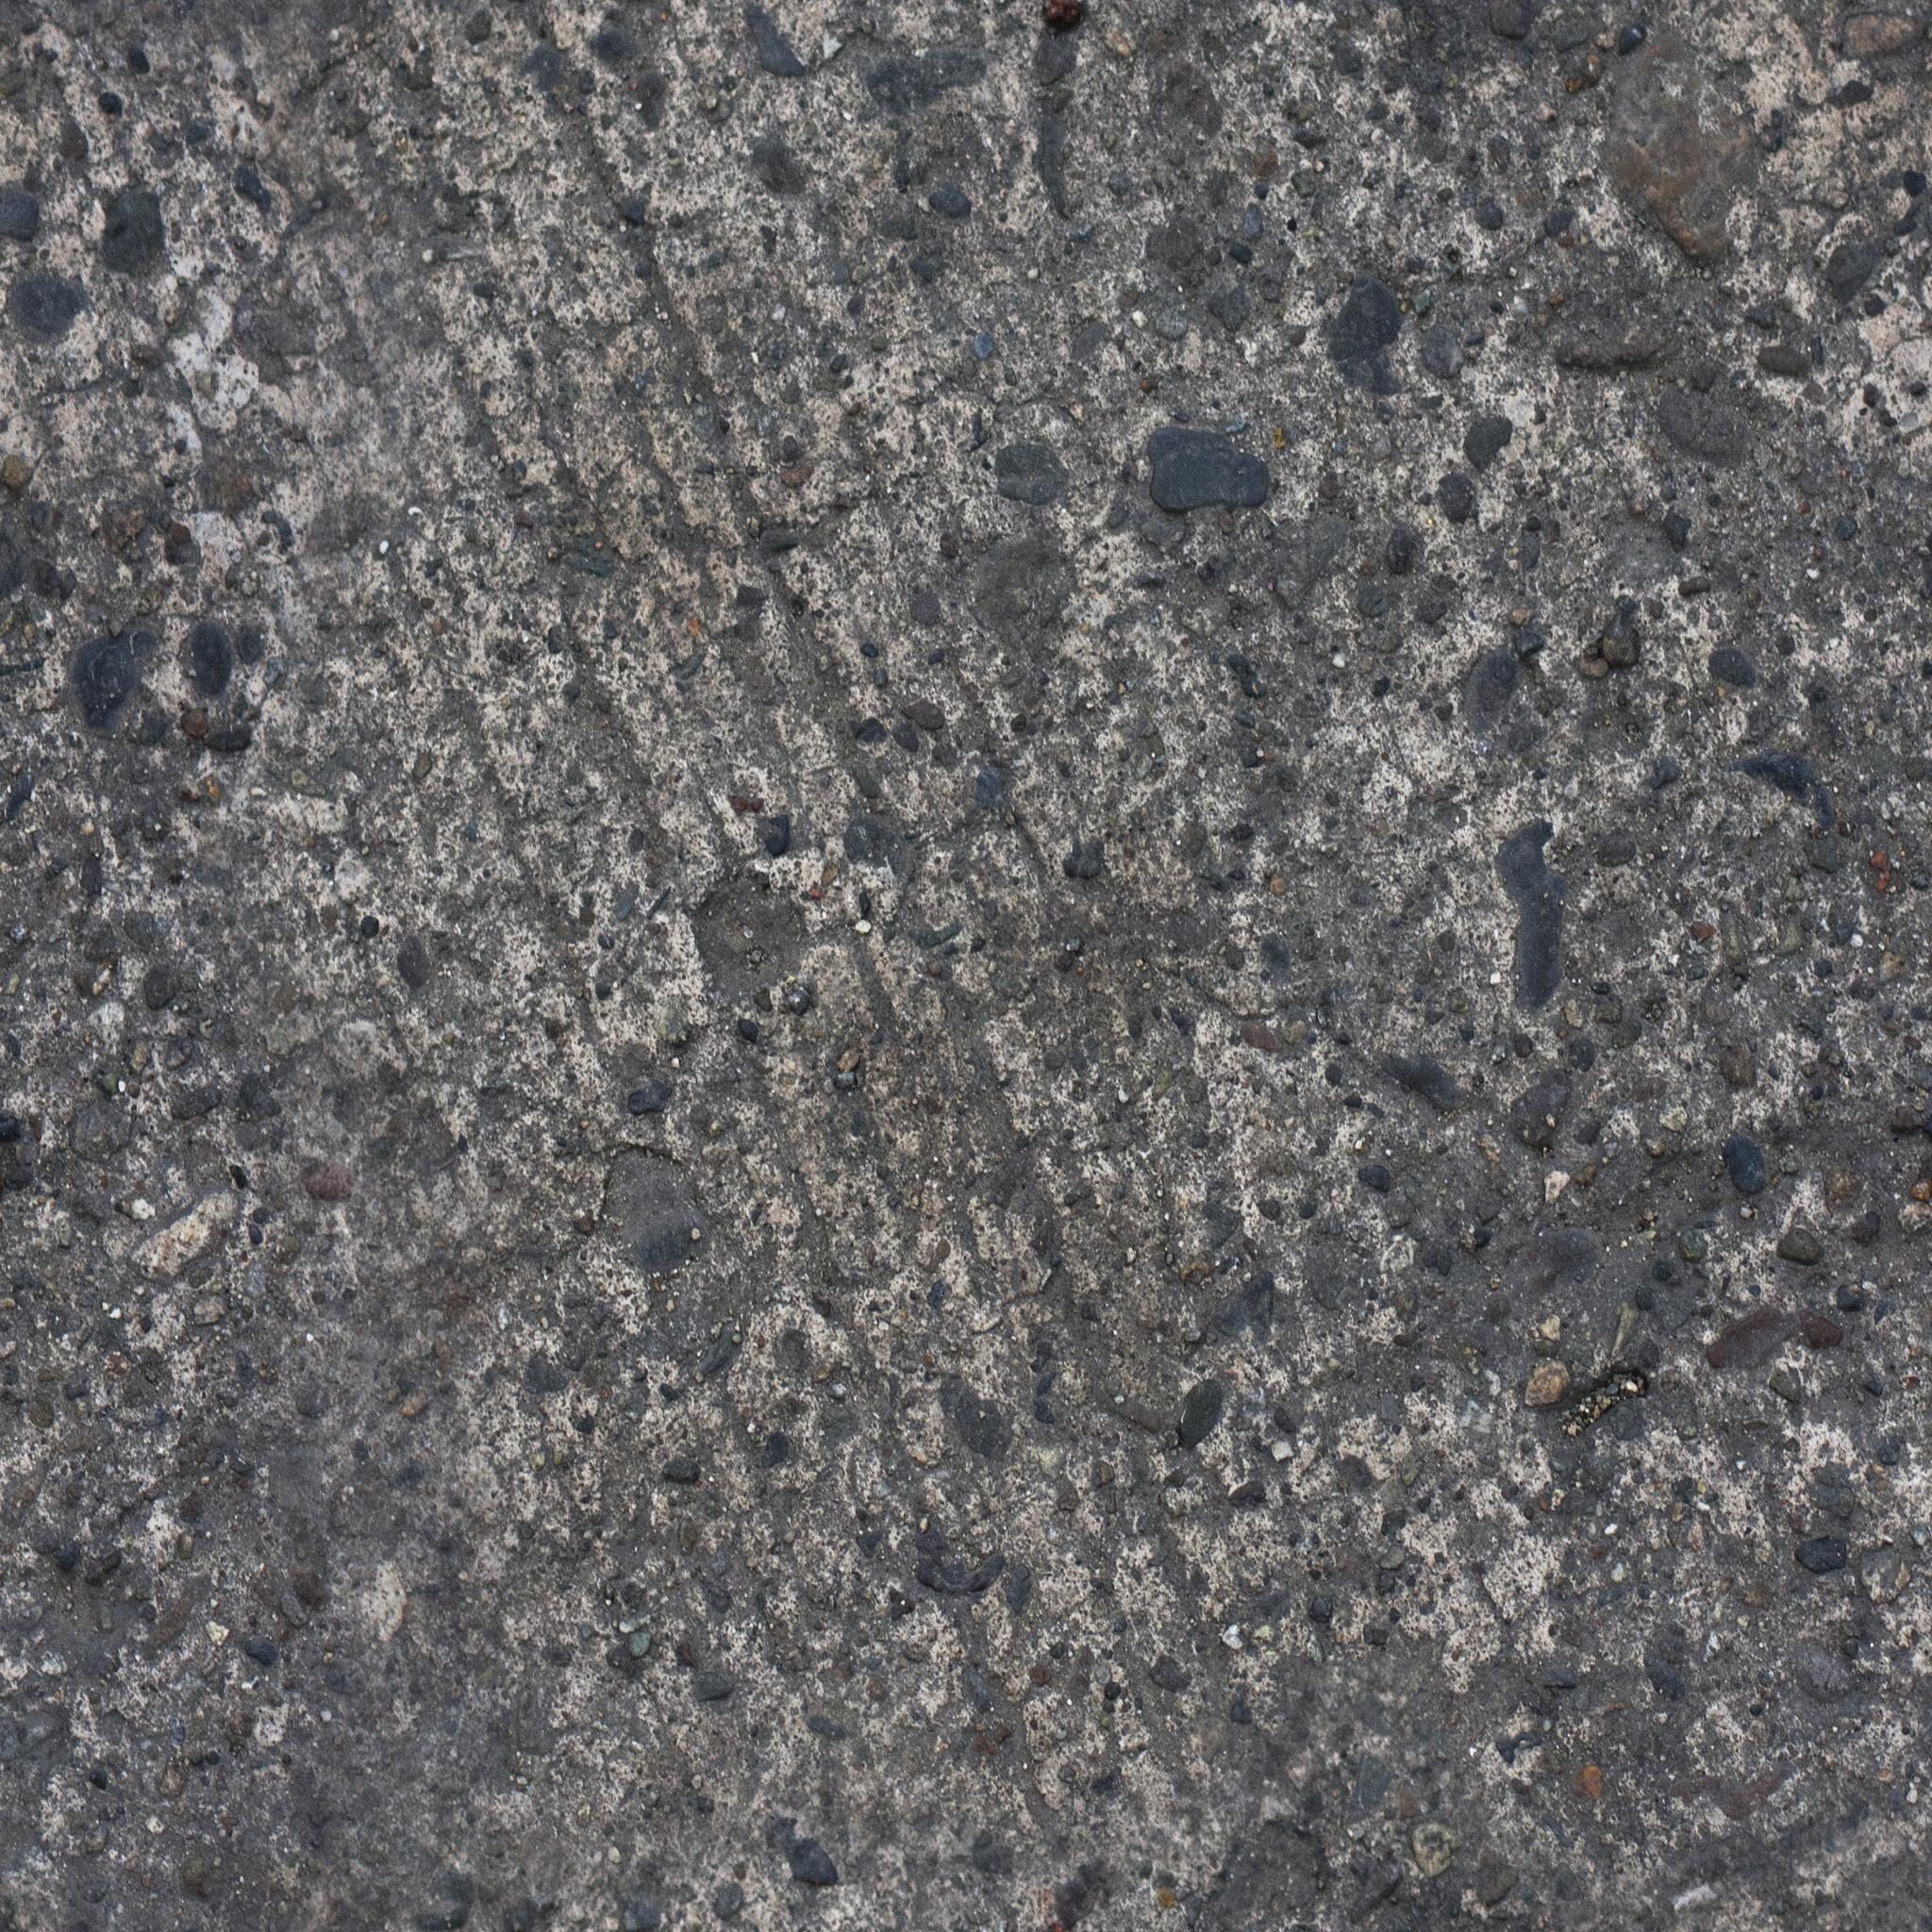 Dark Etched Concrete.jpg